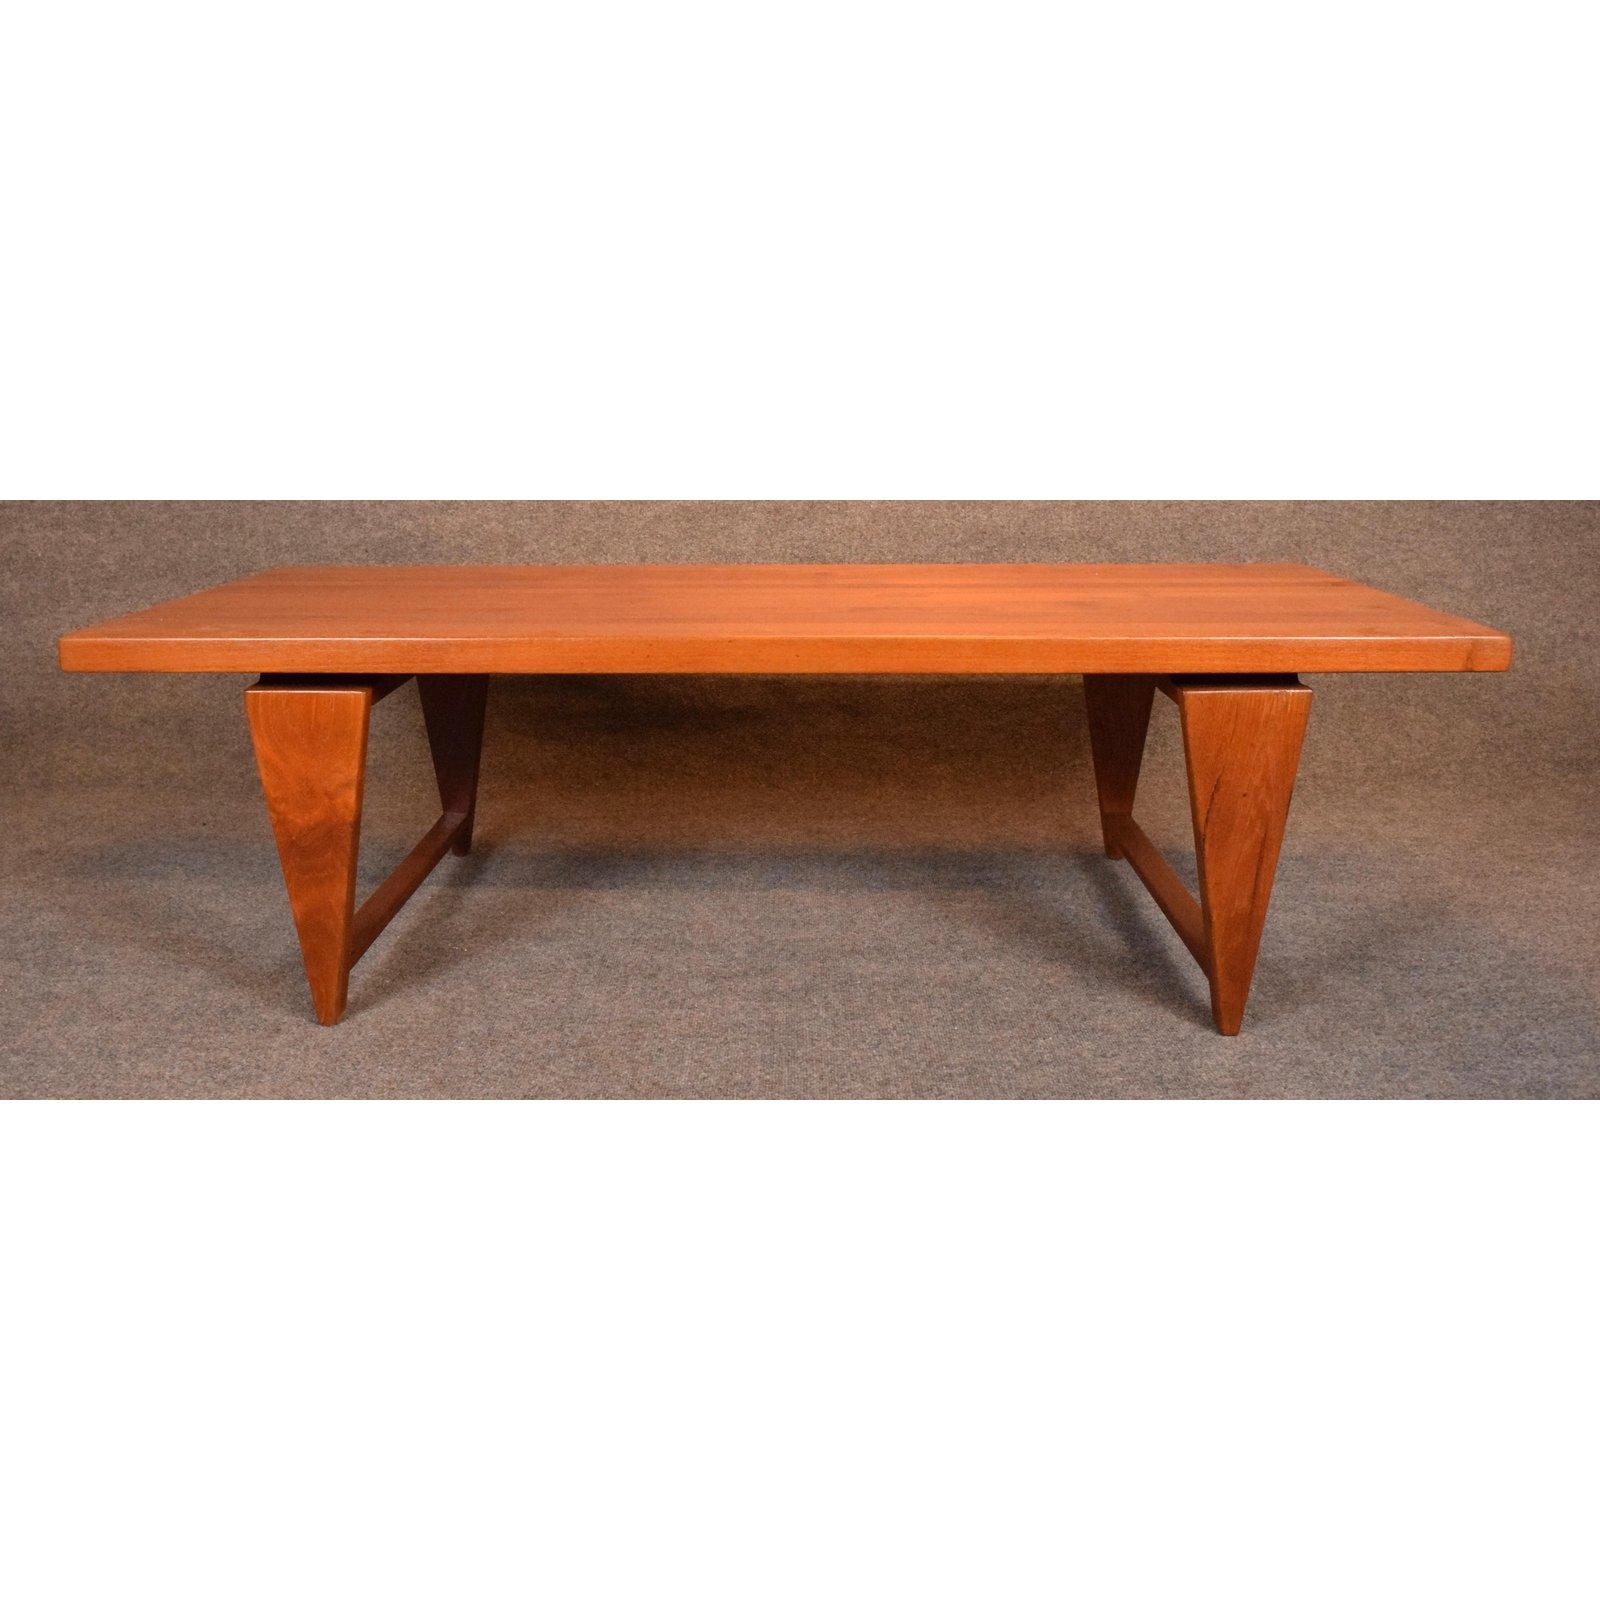 Vintage Danish Mid Century Modern Teak Coffee Table By Illum